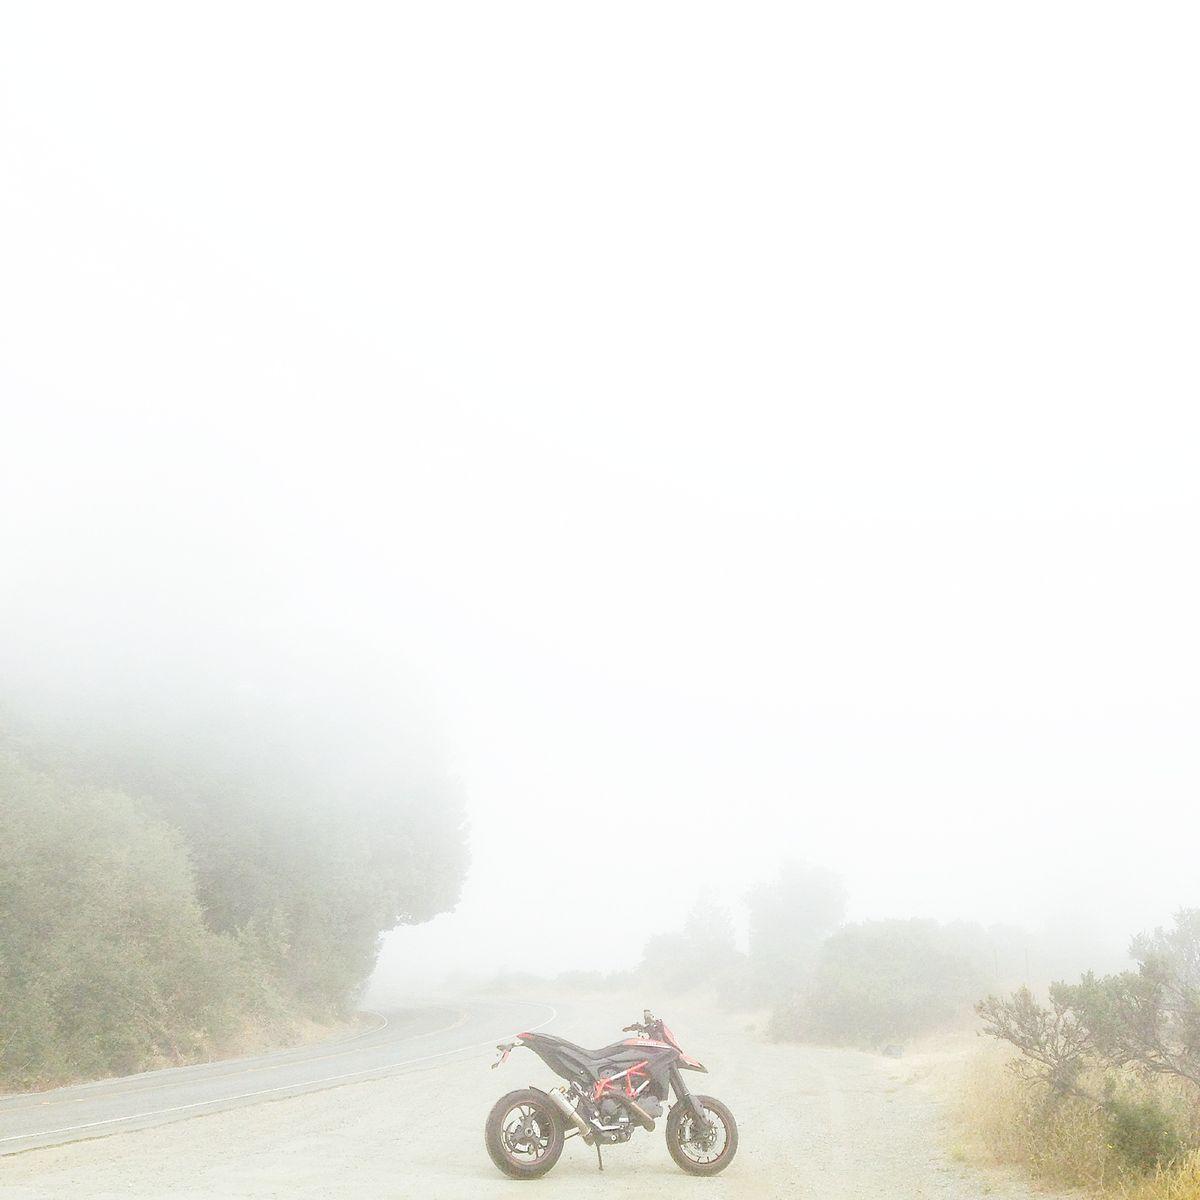 2013 Ducati HYPERMOTARD 821 SP | Bullitt SP